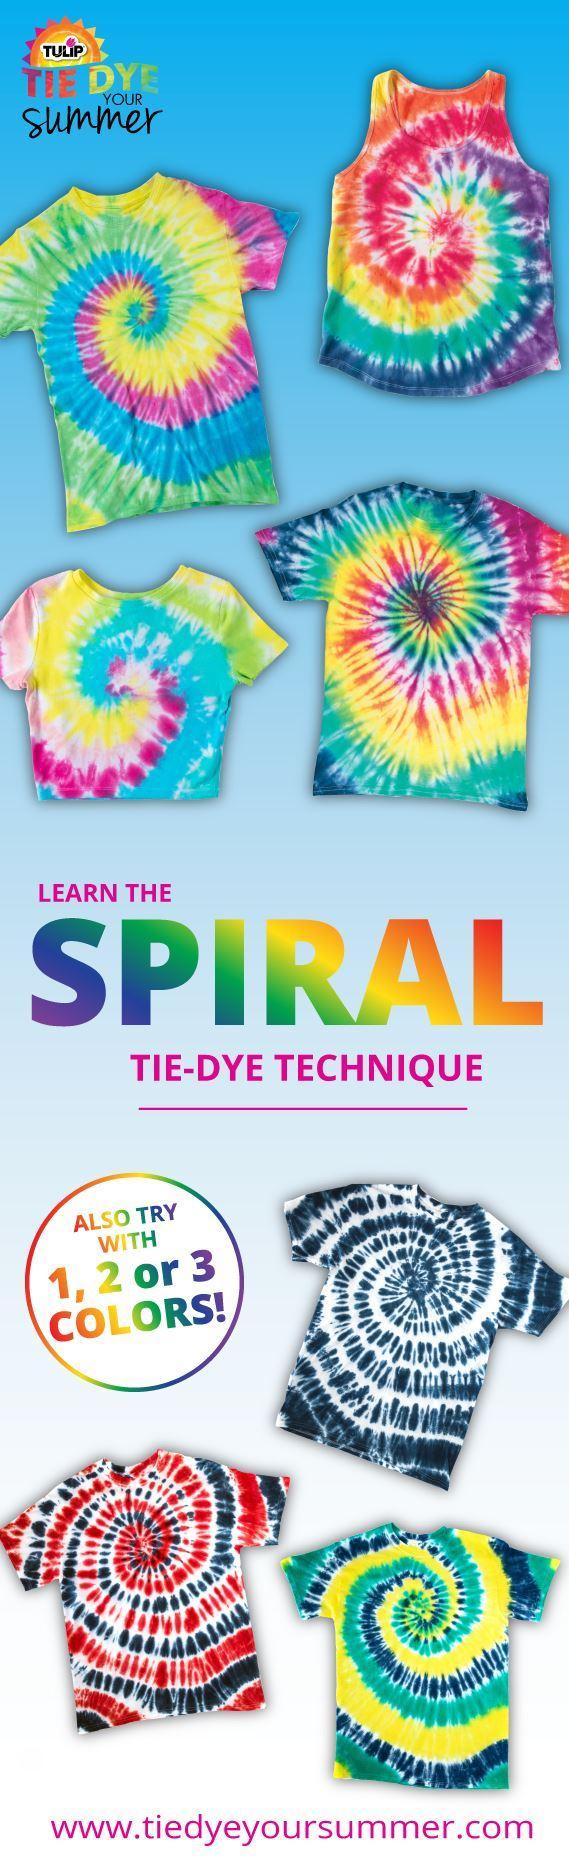 7 Spiral Tie-Dye Ideas